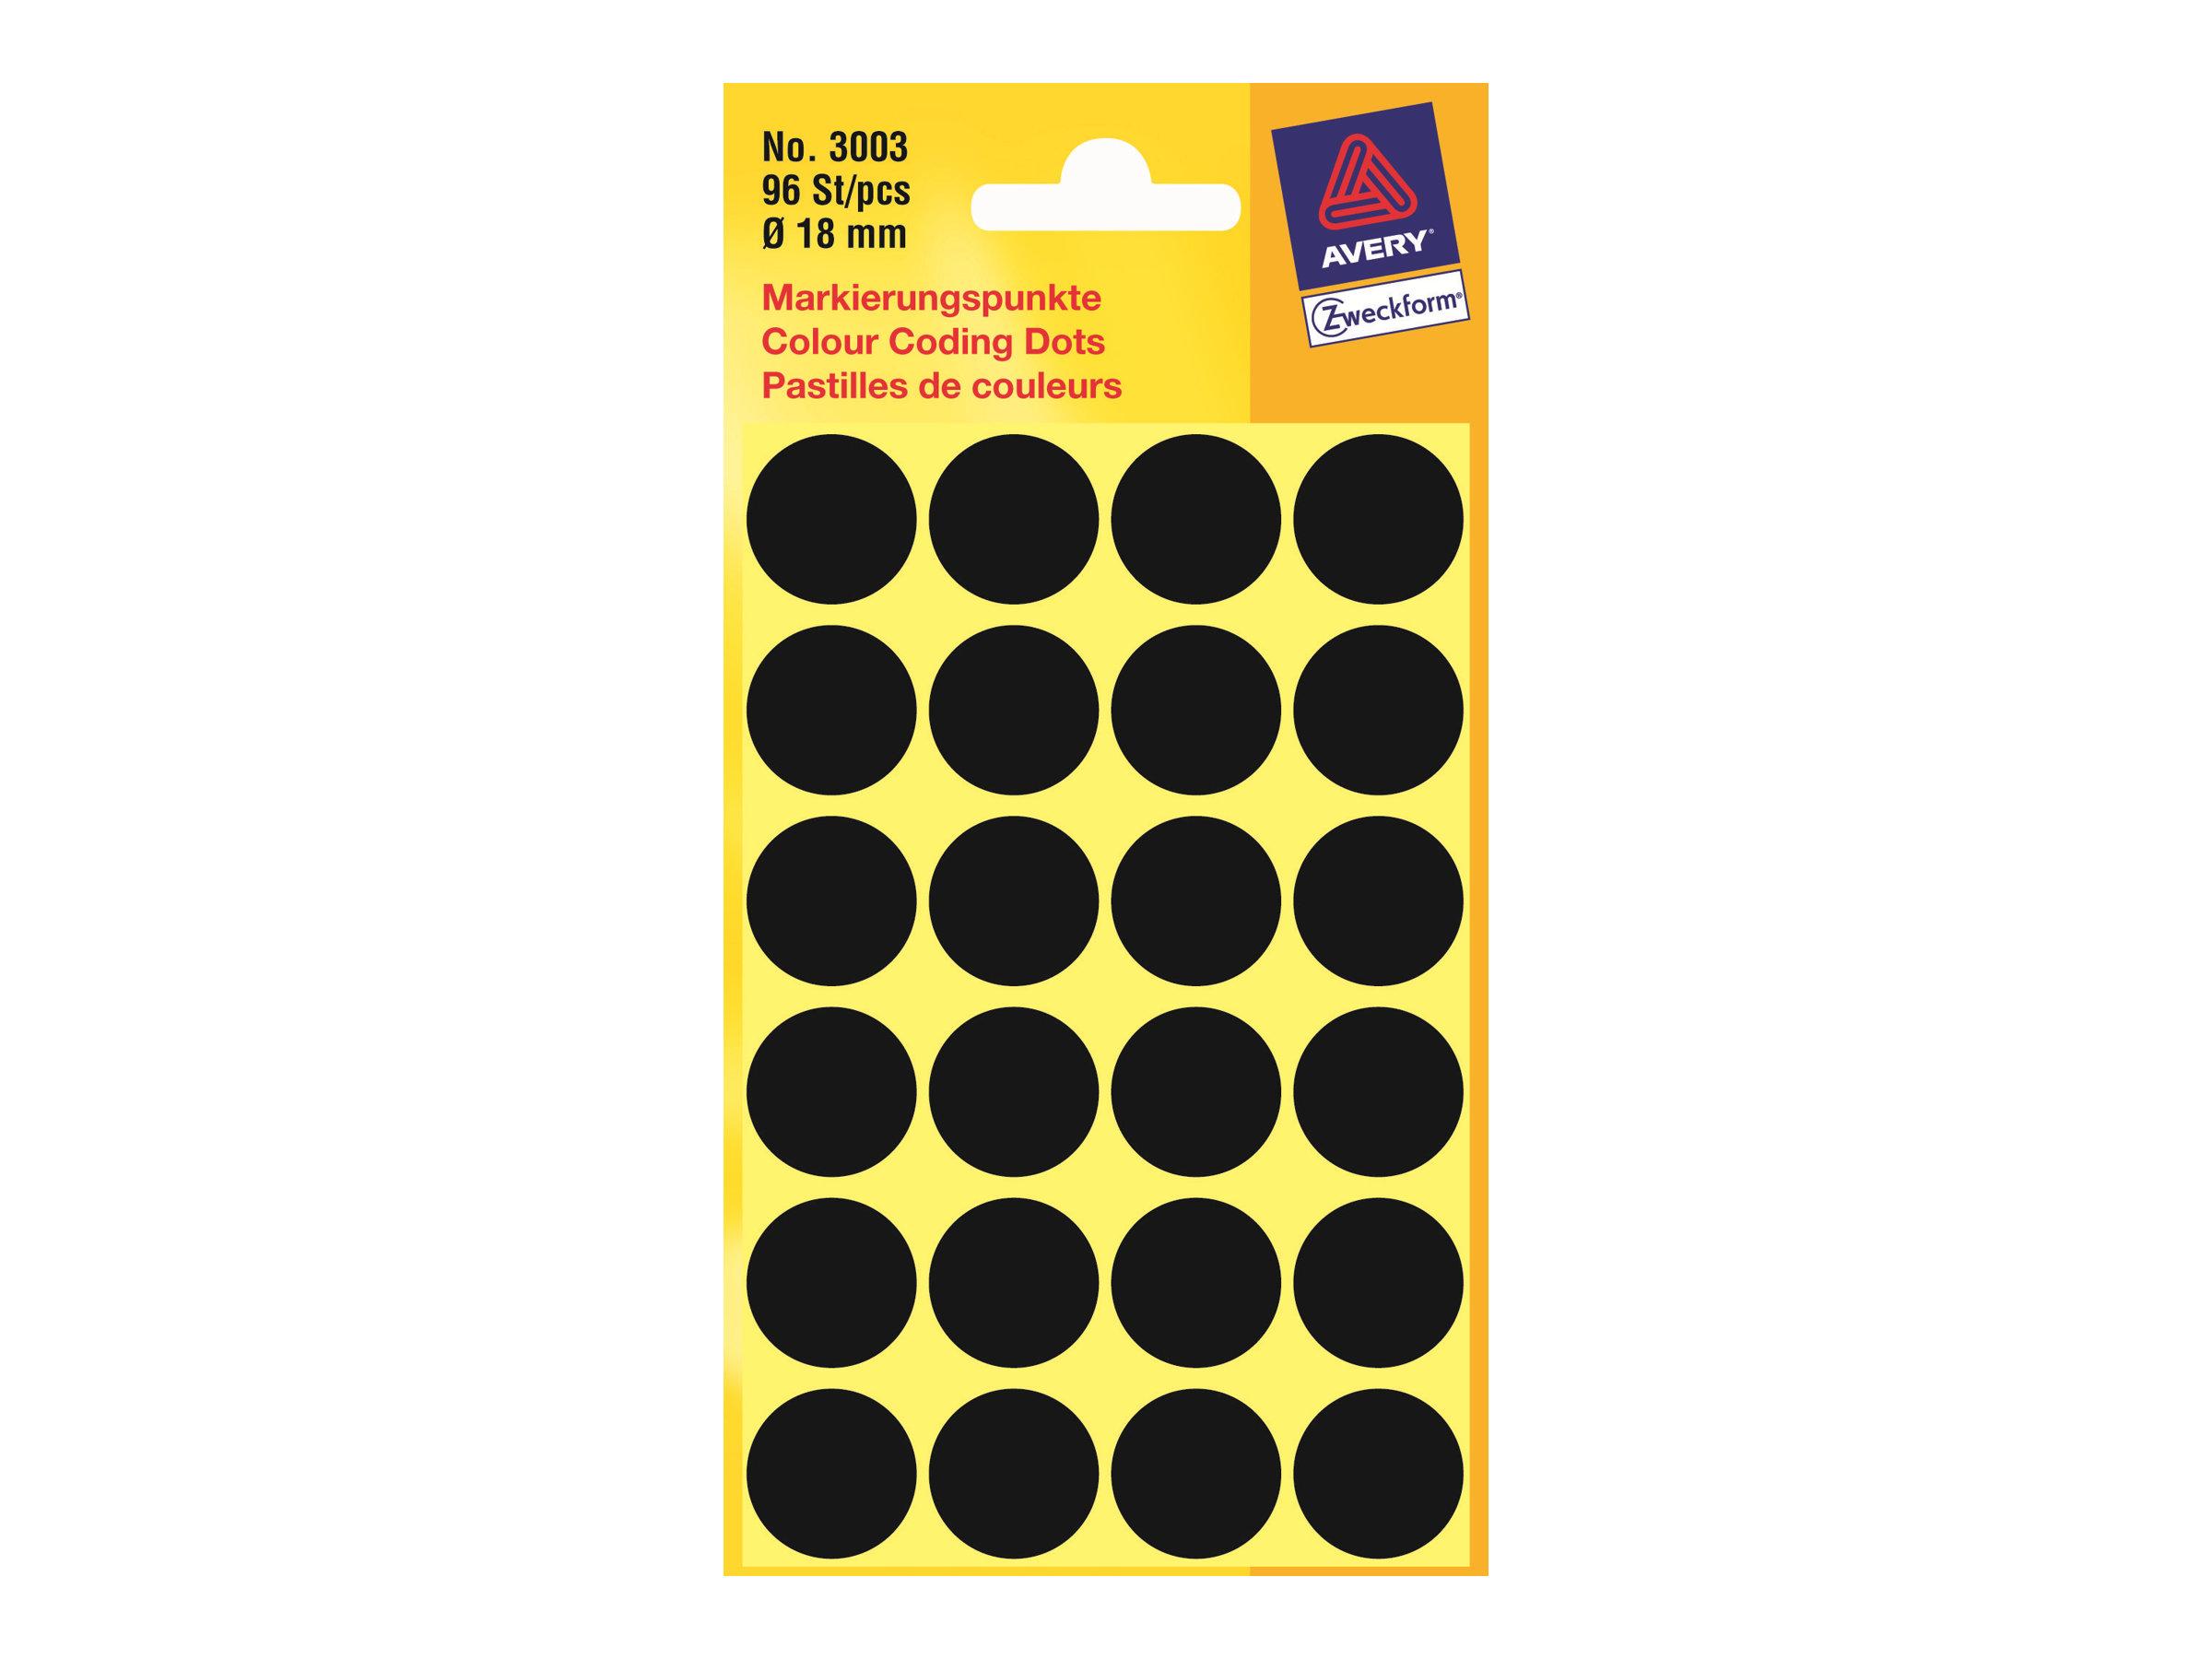 Avery Zweckform - Farbkodierungspunkt - 1,8 cm Durchmesser - nicht magnetisch - Schwarz (Packung mit 96)